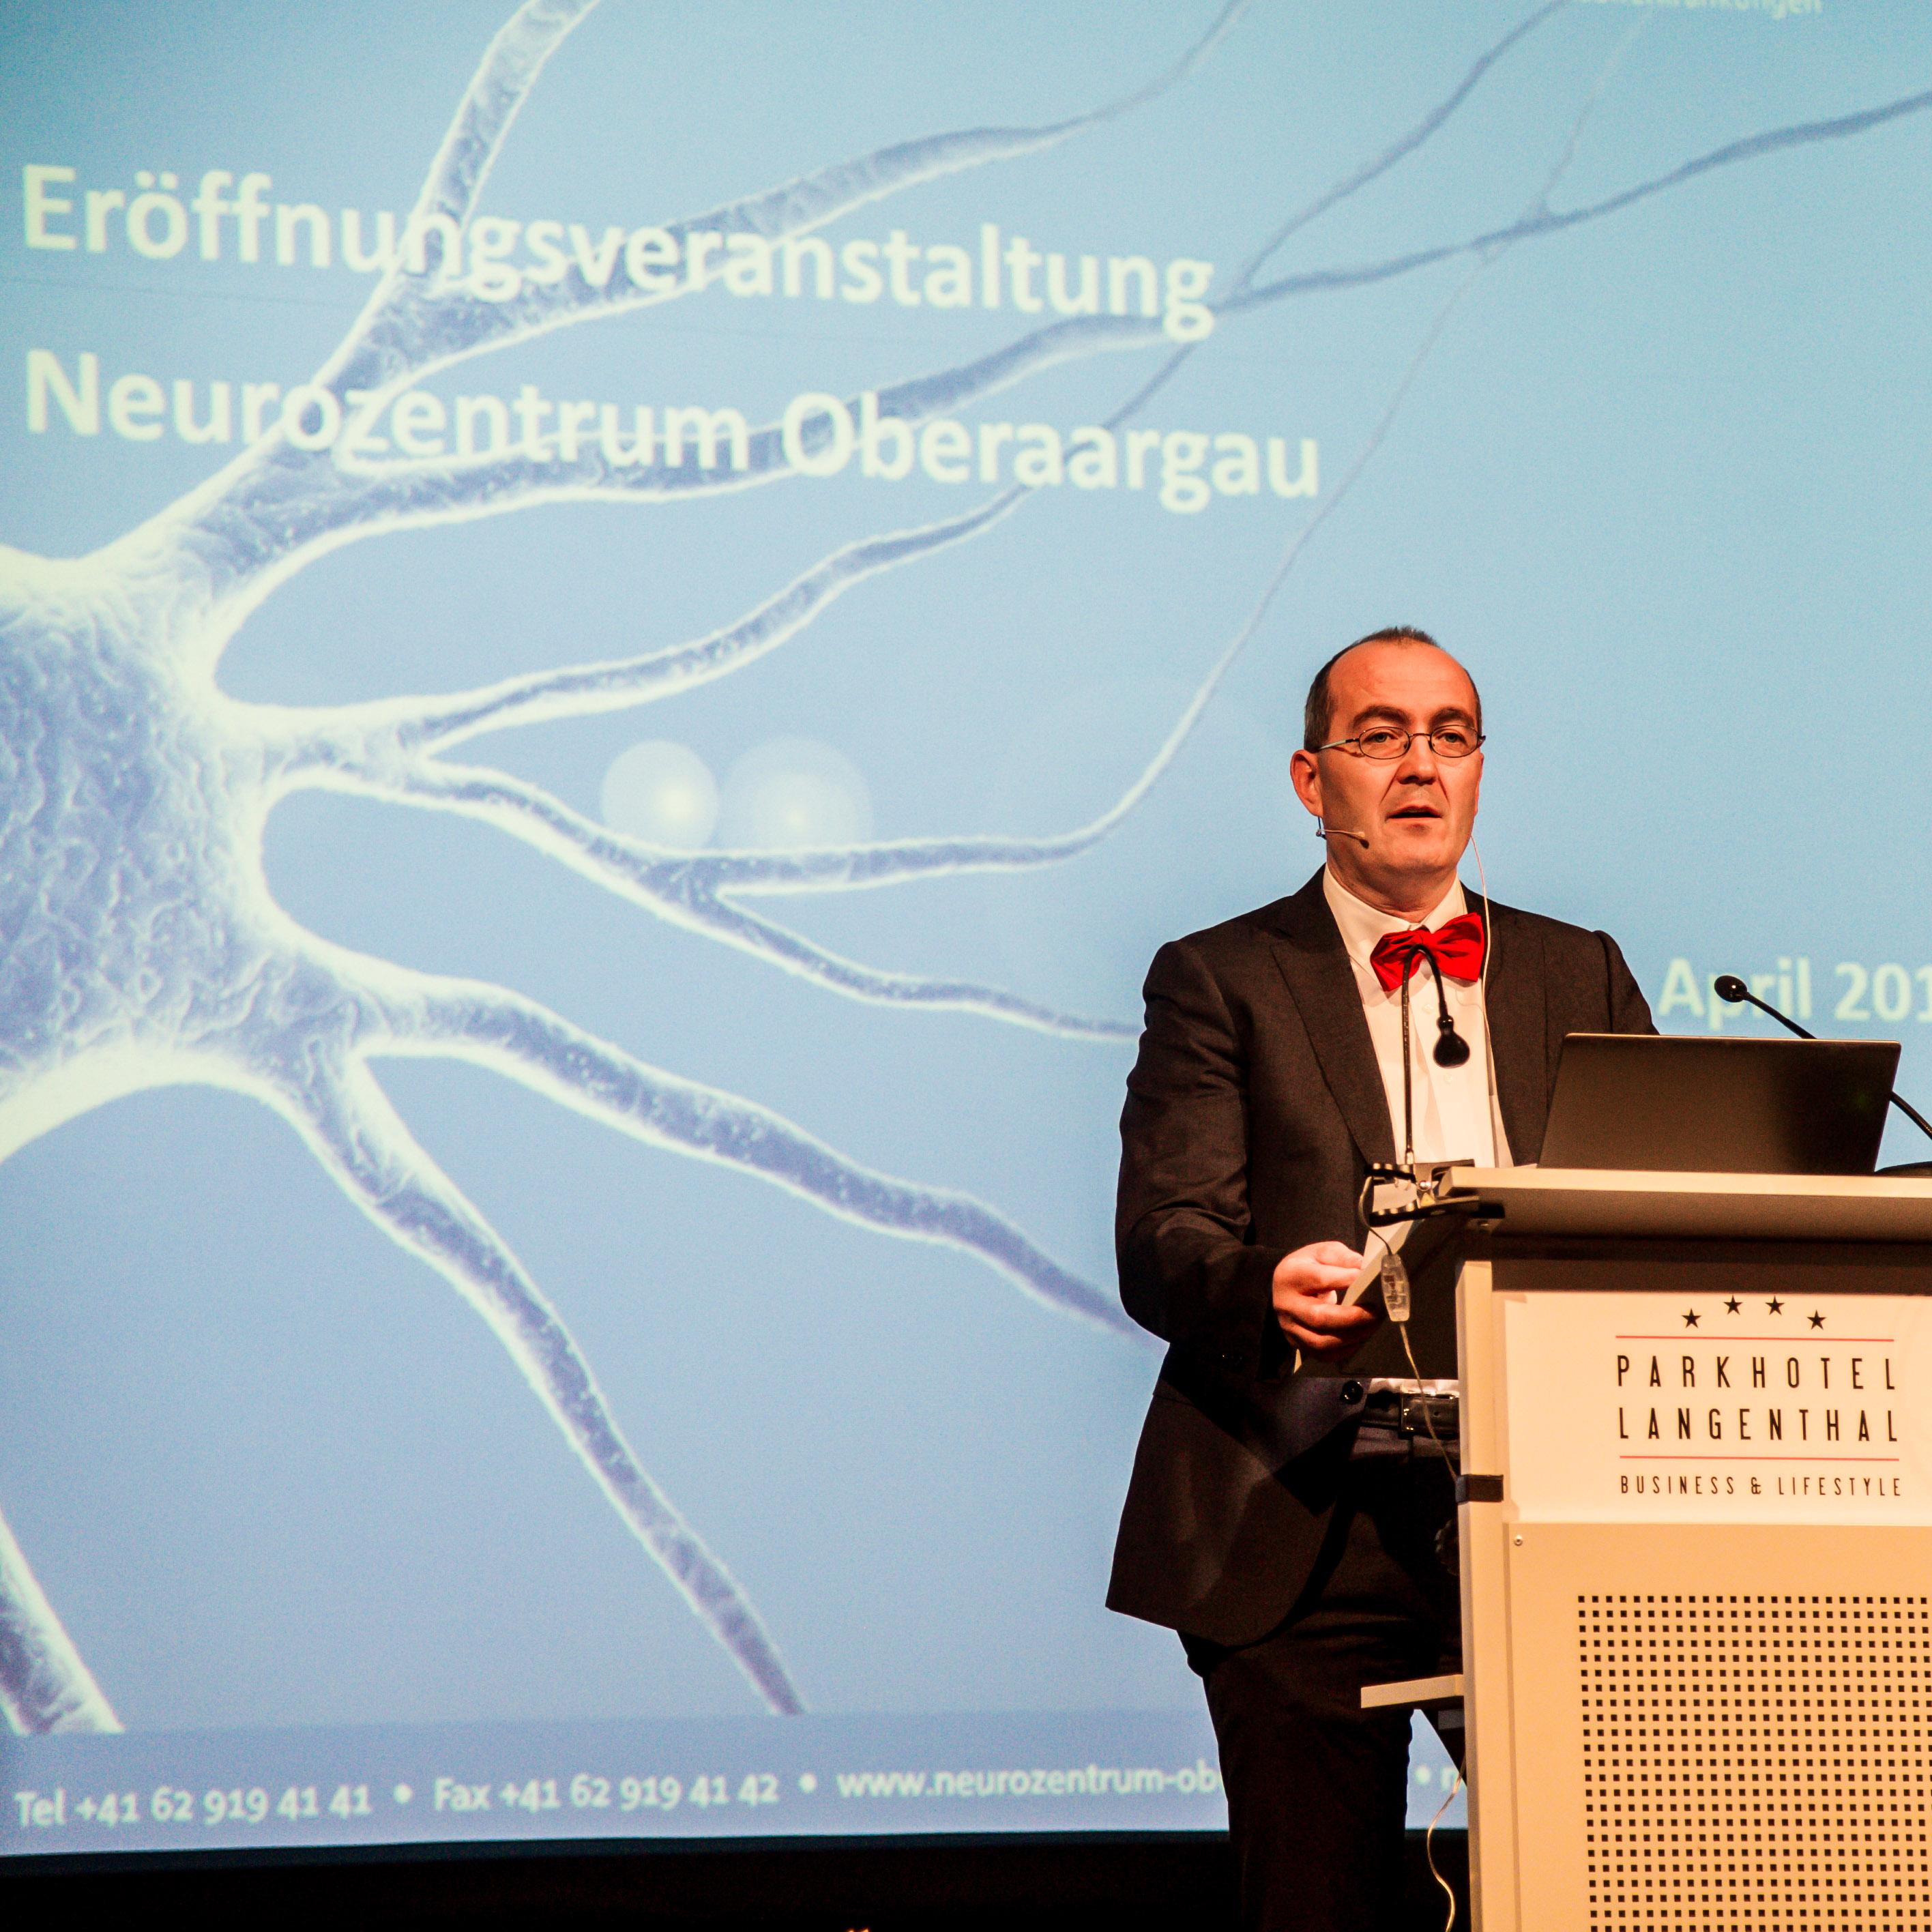 17_KW15_Eröffnung_Neurozentrum_Langenthal_BO-26